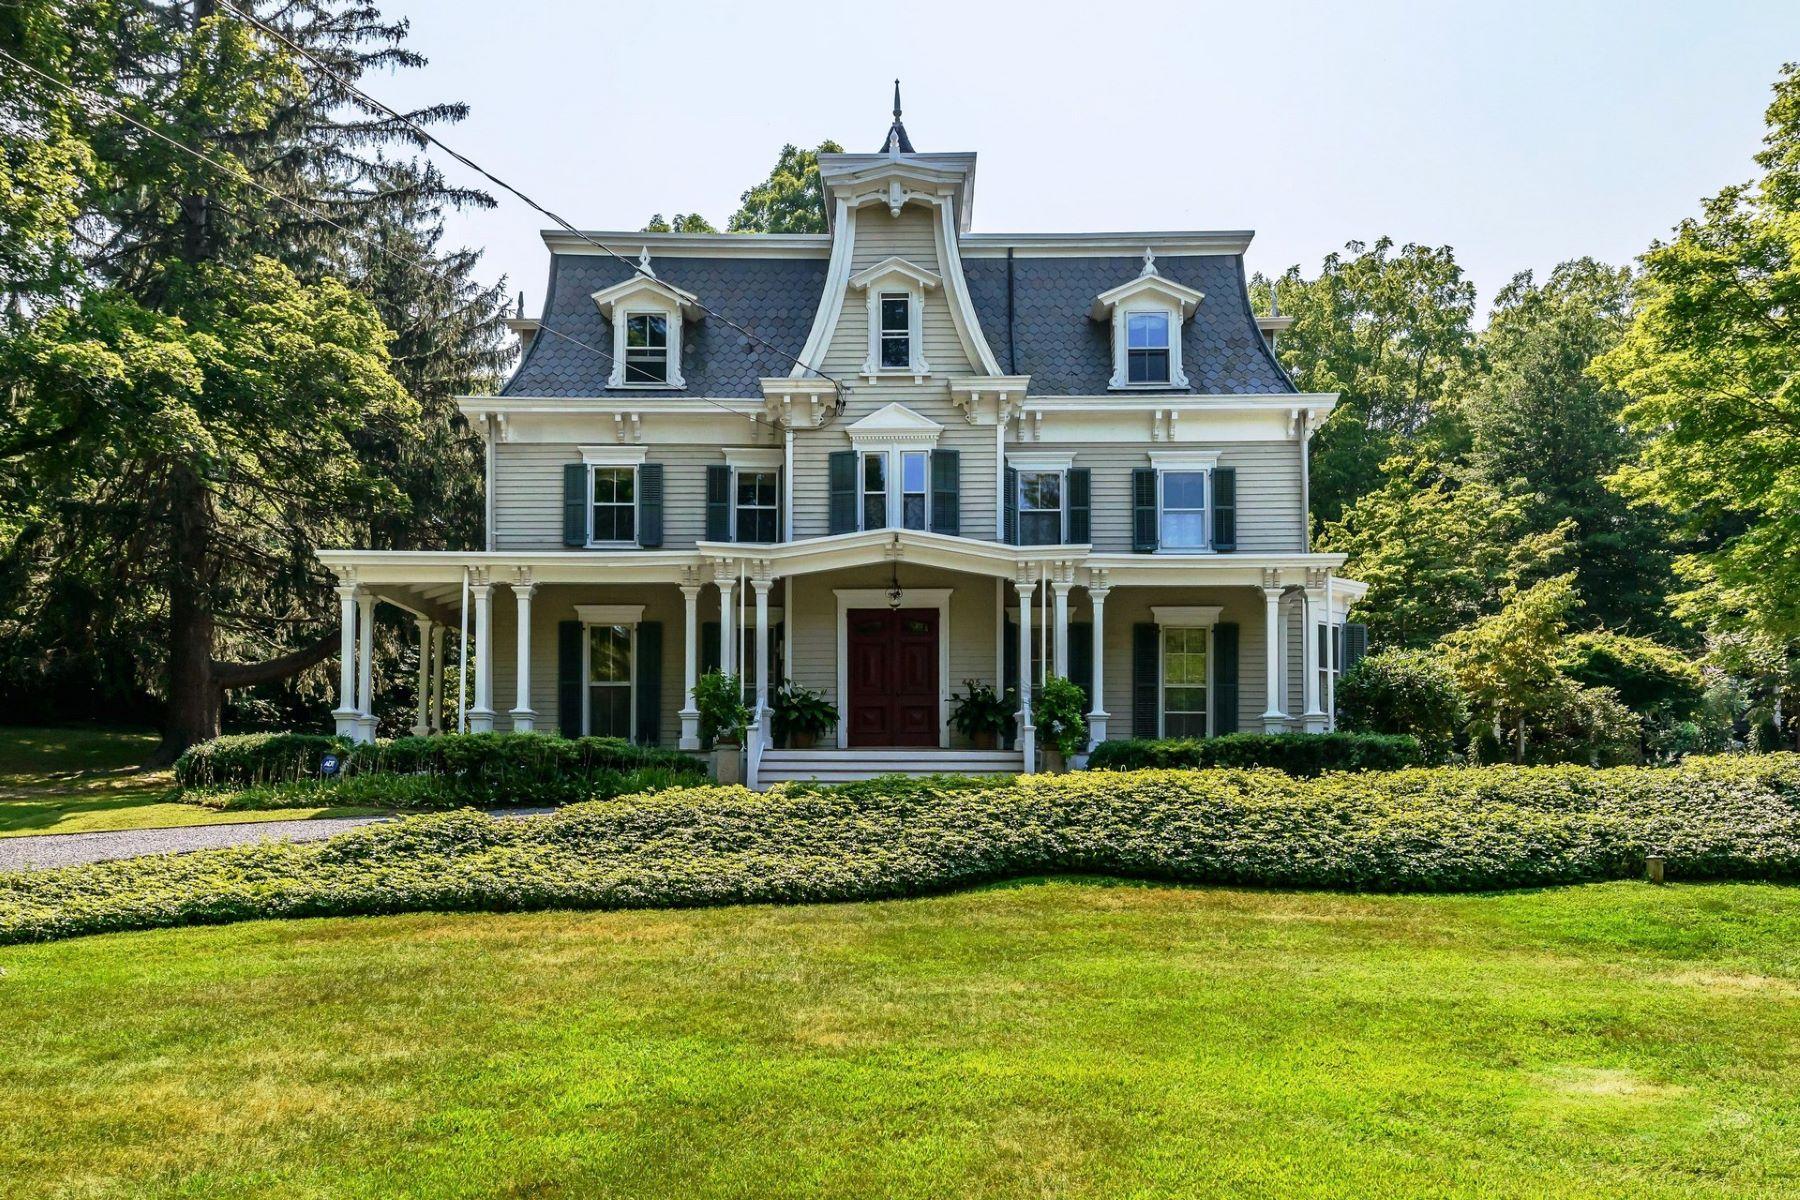 Частный односемейный дом для того Продажа на 405 West Neck Rd , Lloyd Harbor, NY 11743 405 West Neck Rd, Lloyd Harbor, Нью-Йорк, 11743 Соединенные Штаты